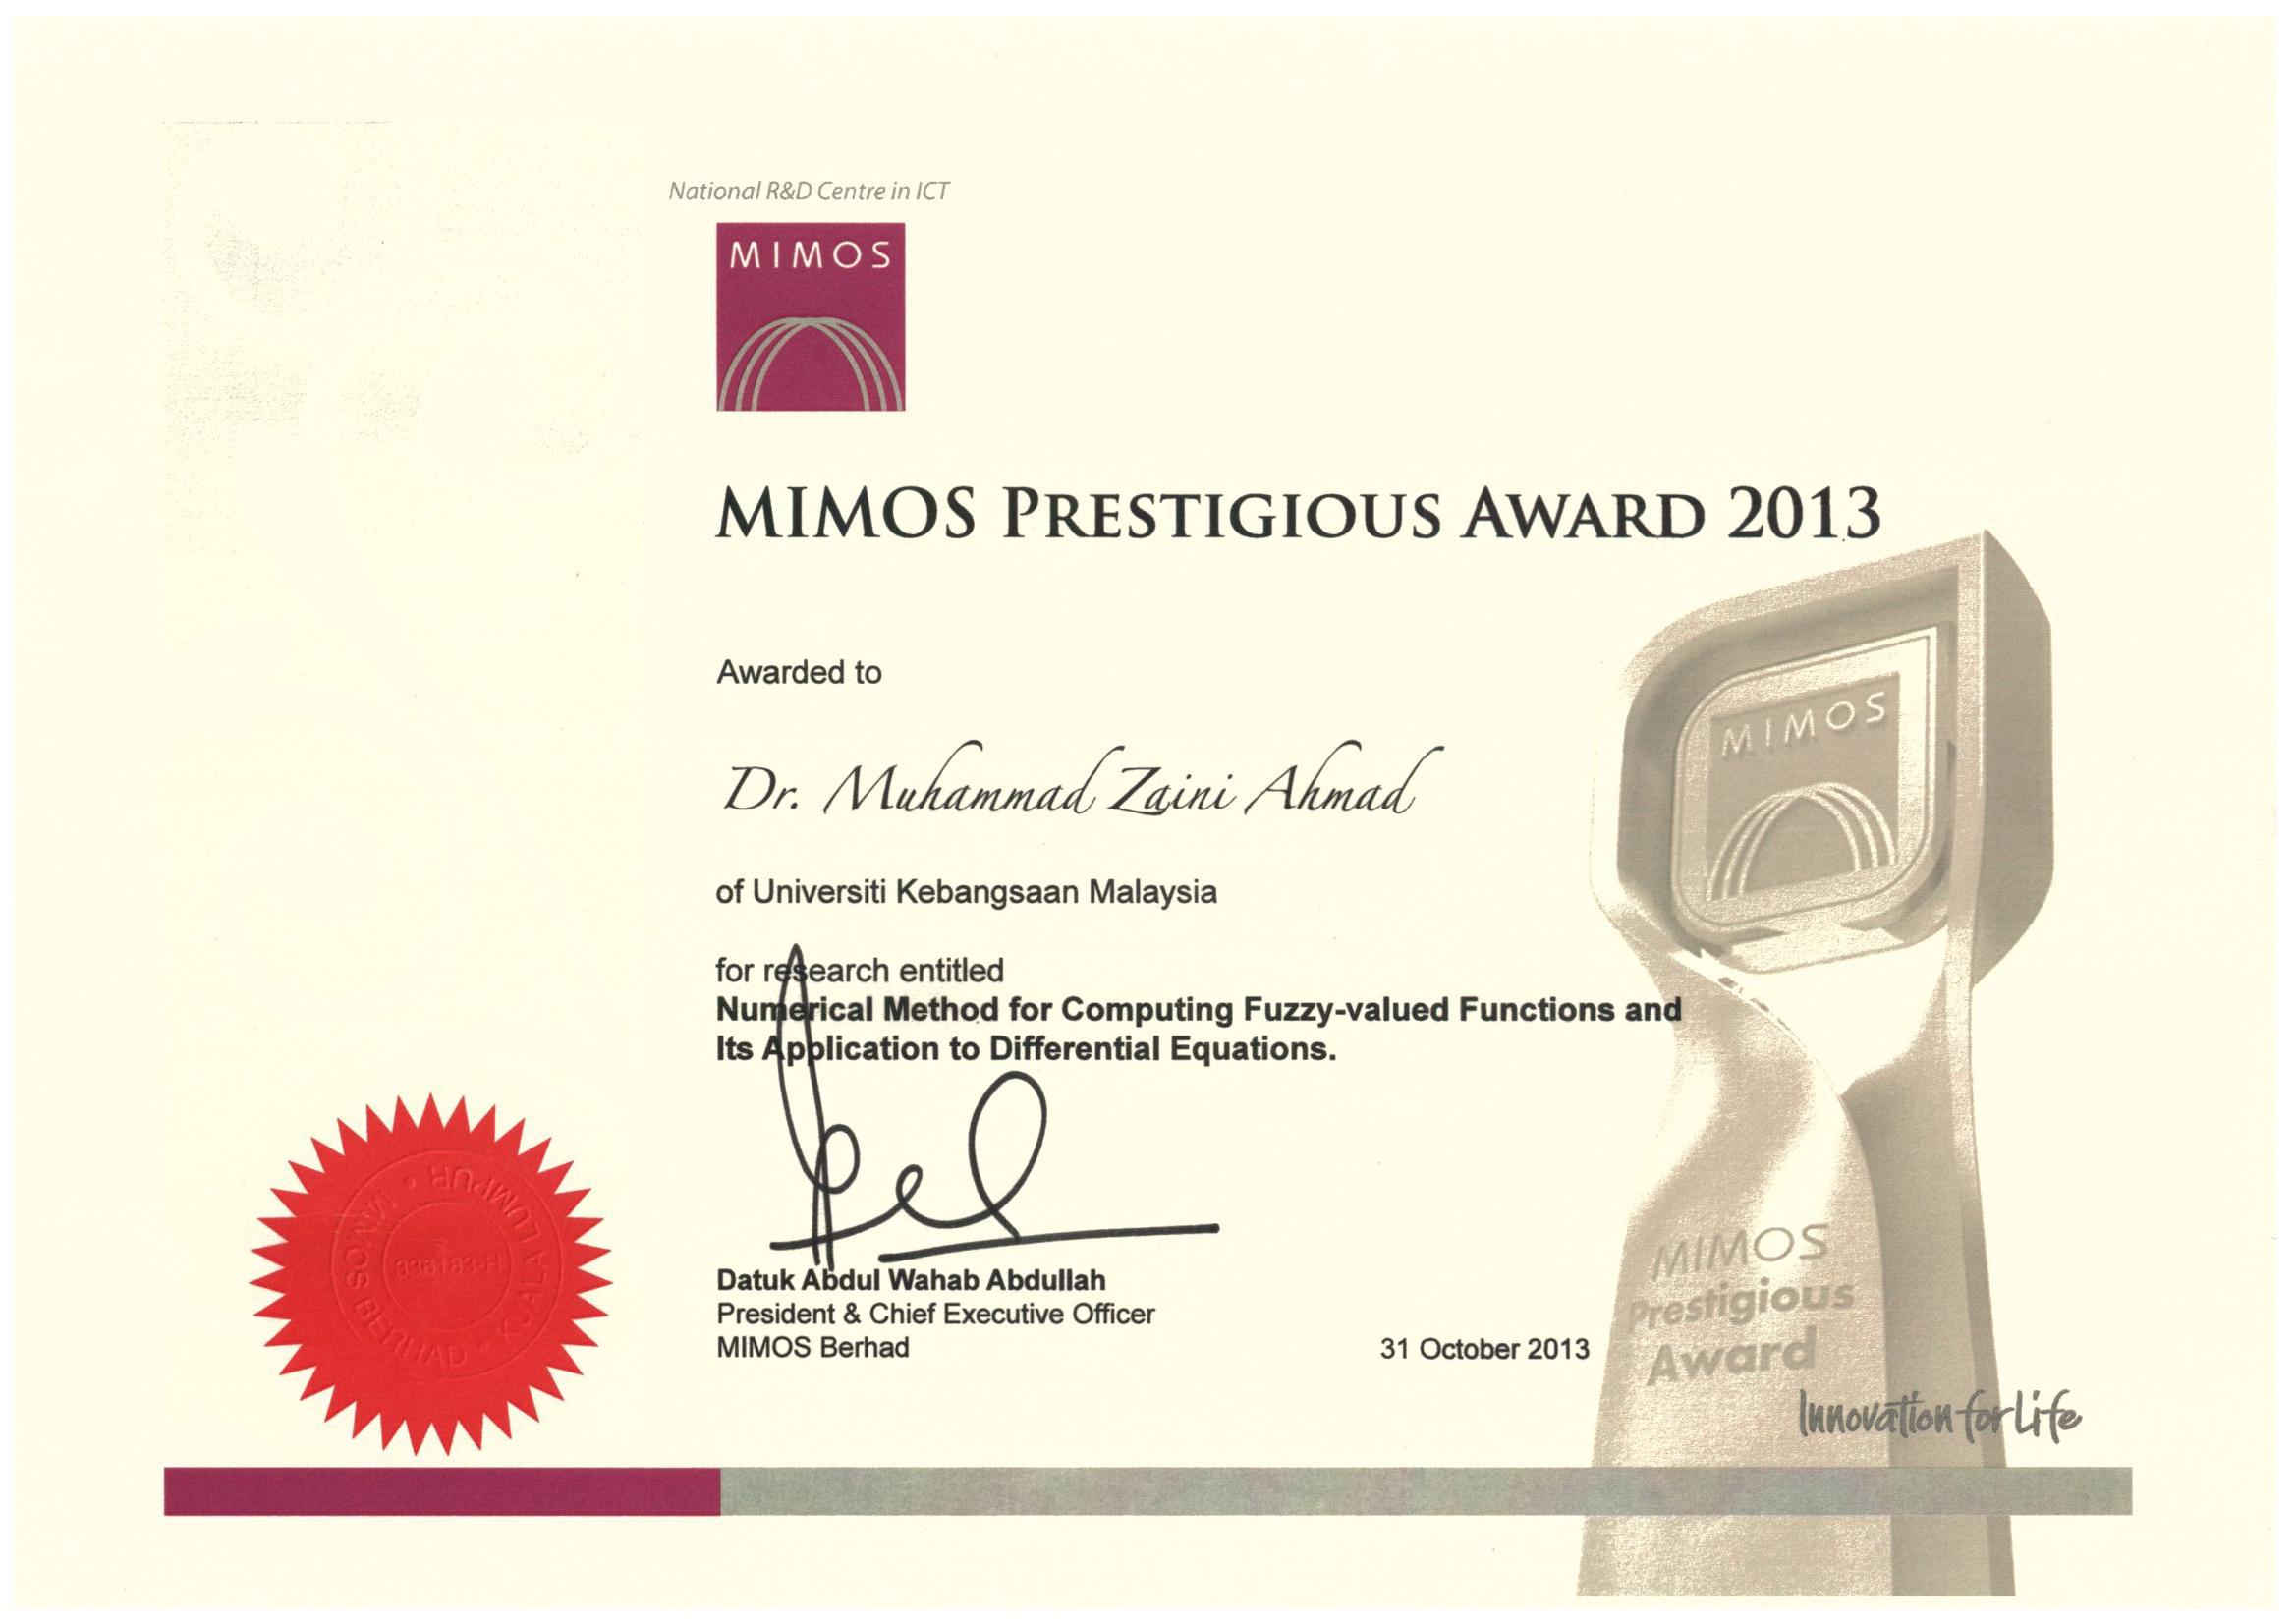 MIMOS Award